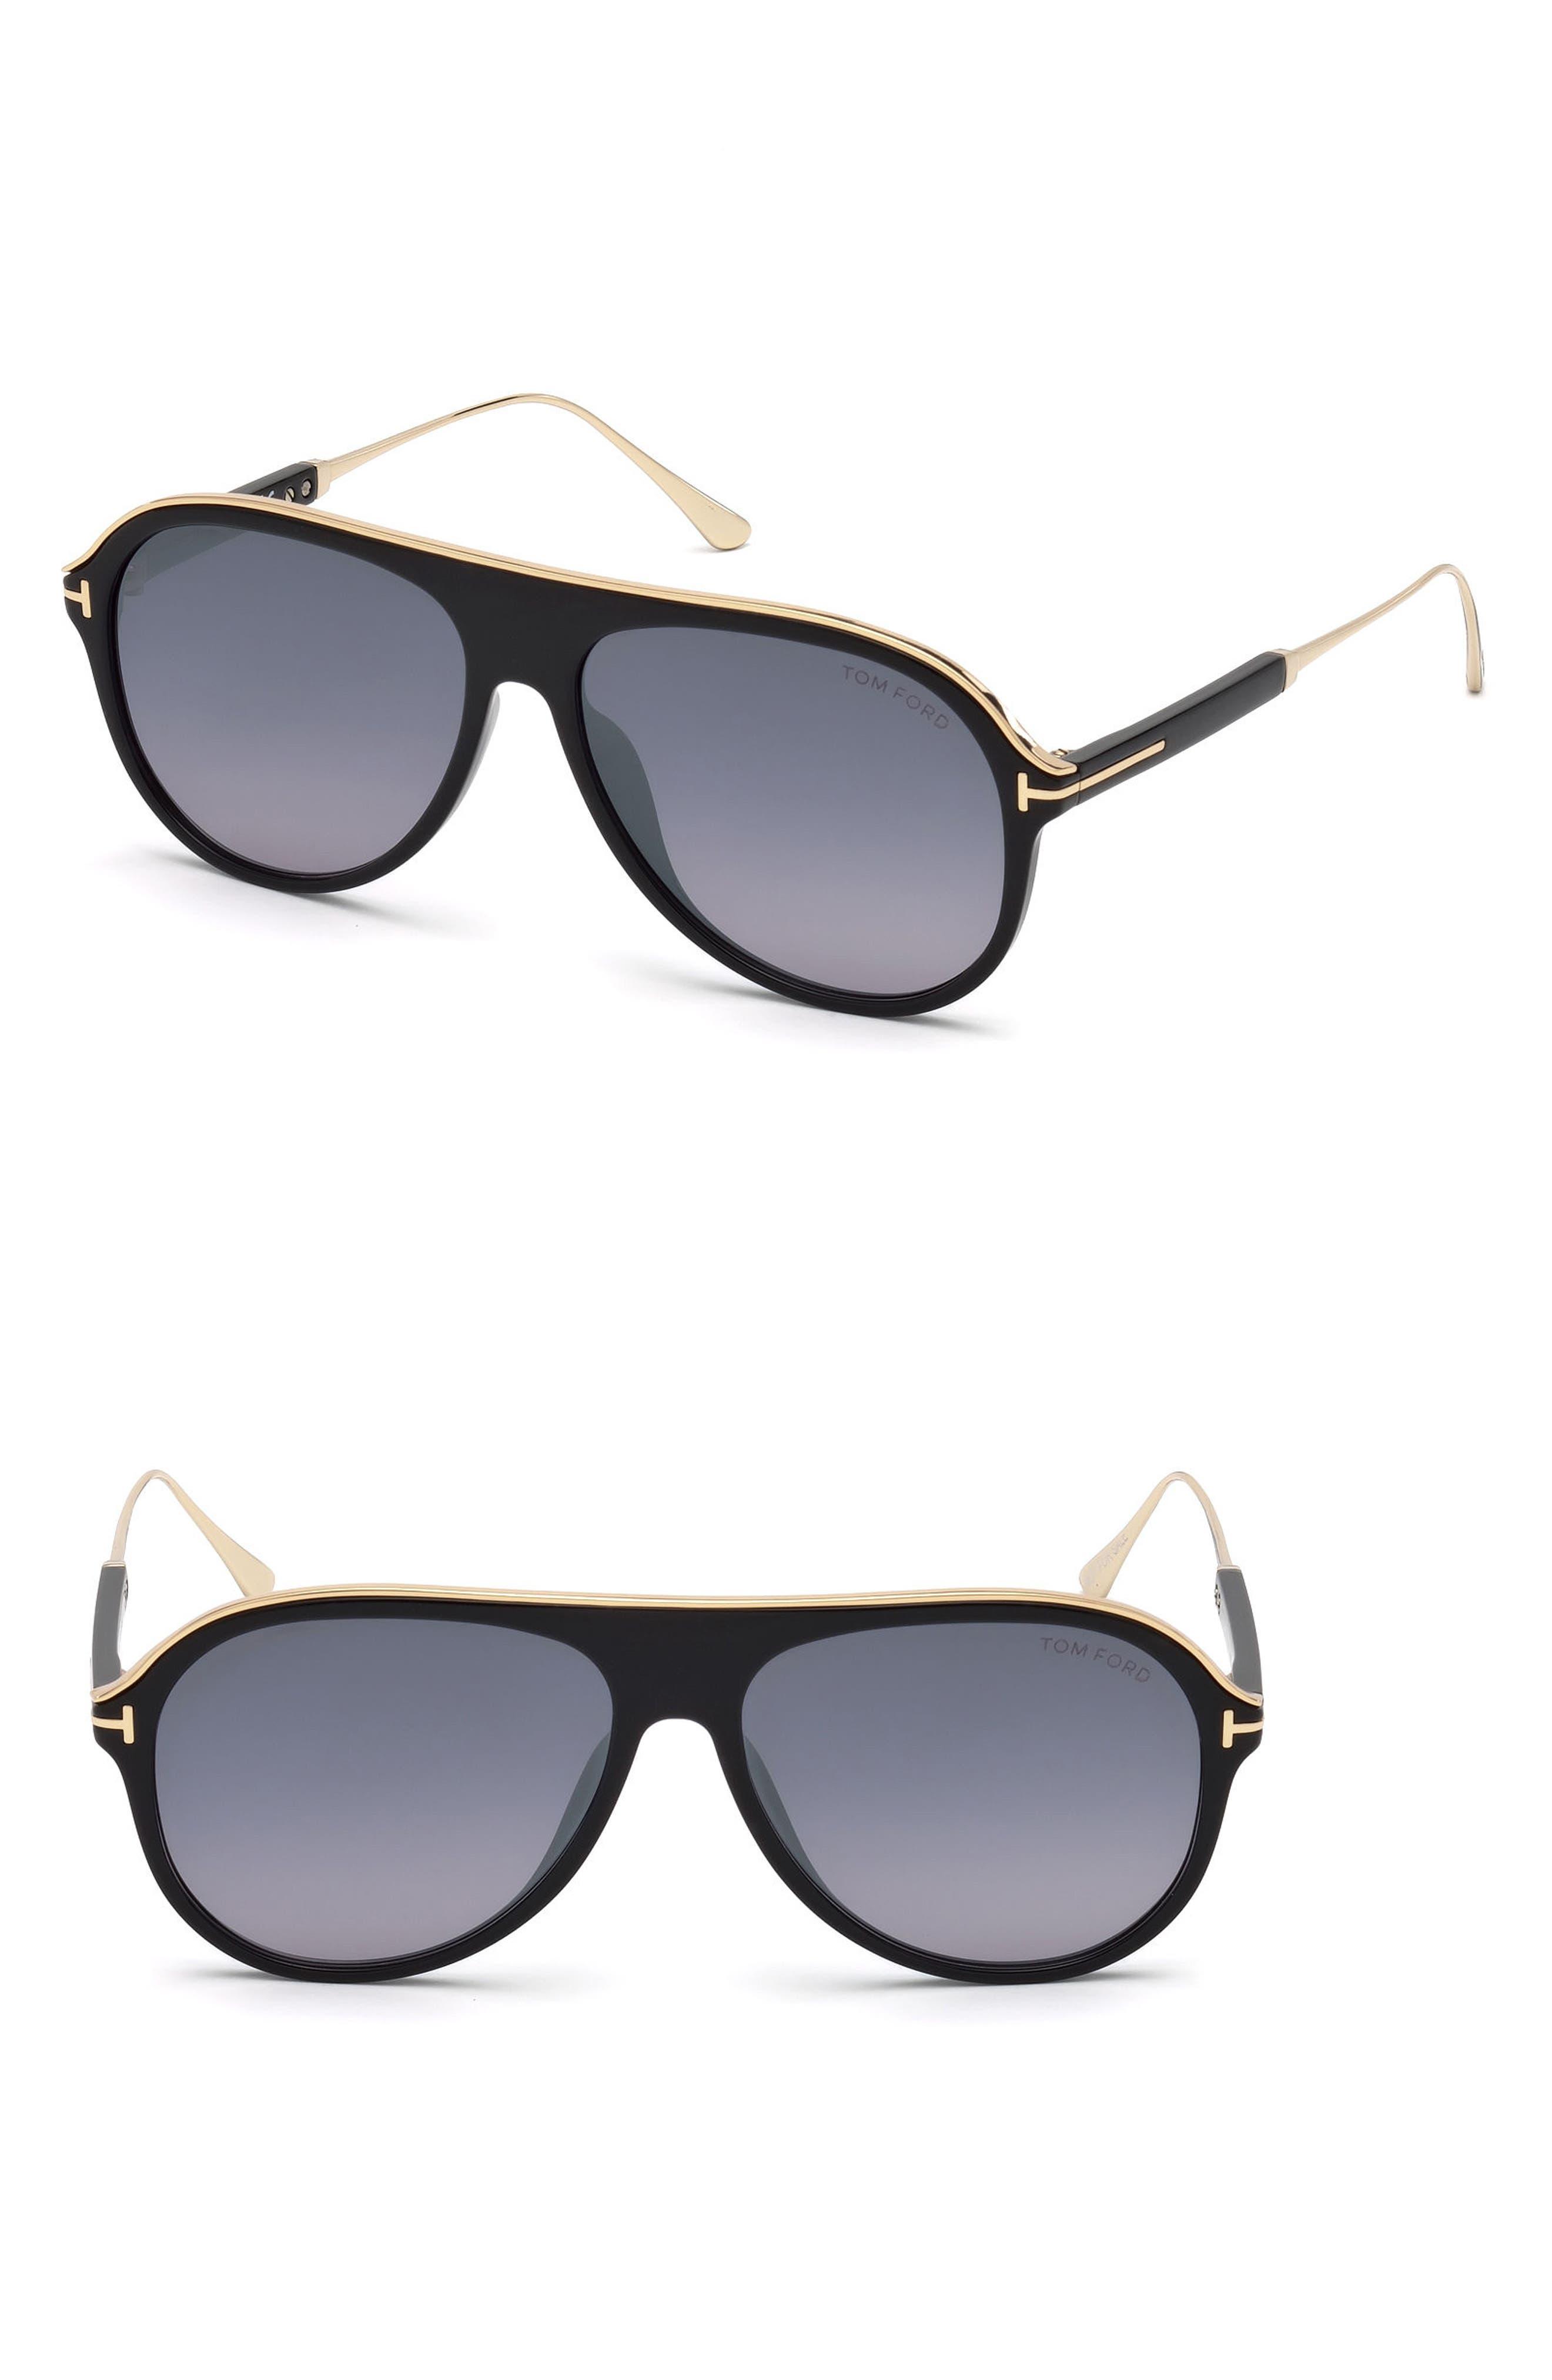 bef67d1b41457 Men s Tom Ford Sunglasses   Eyeglasses